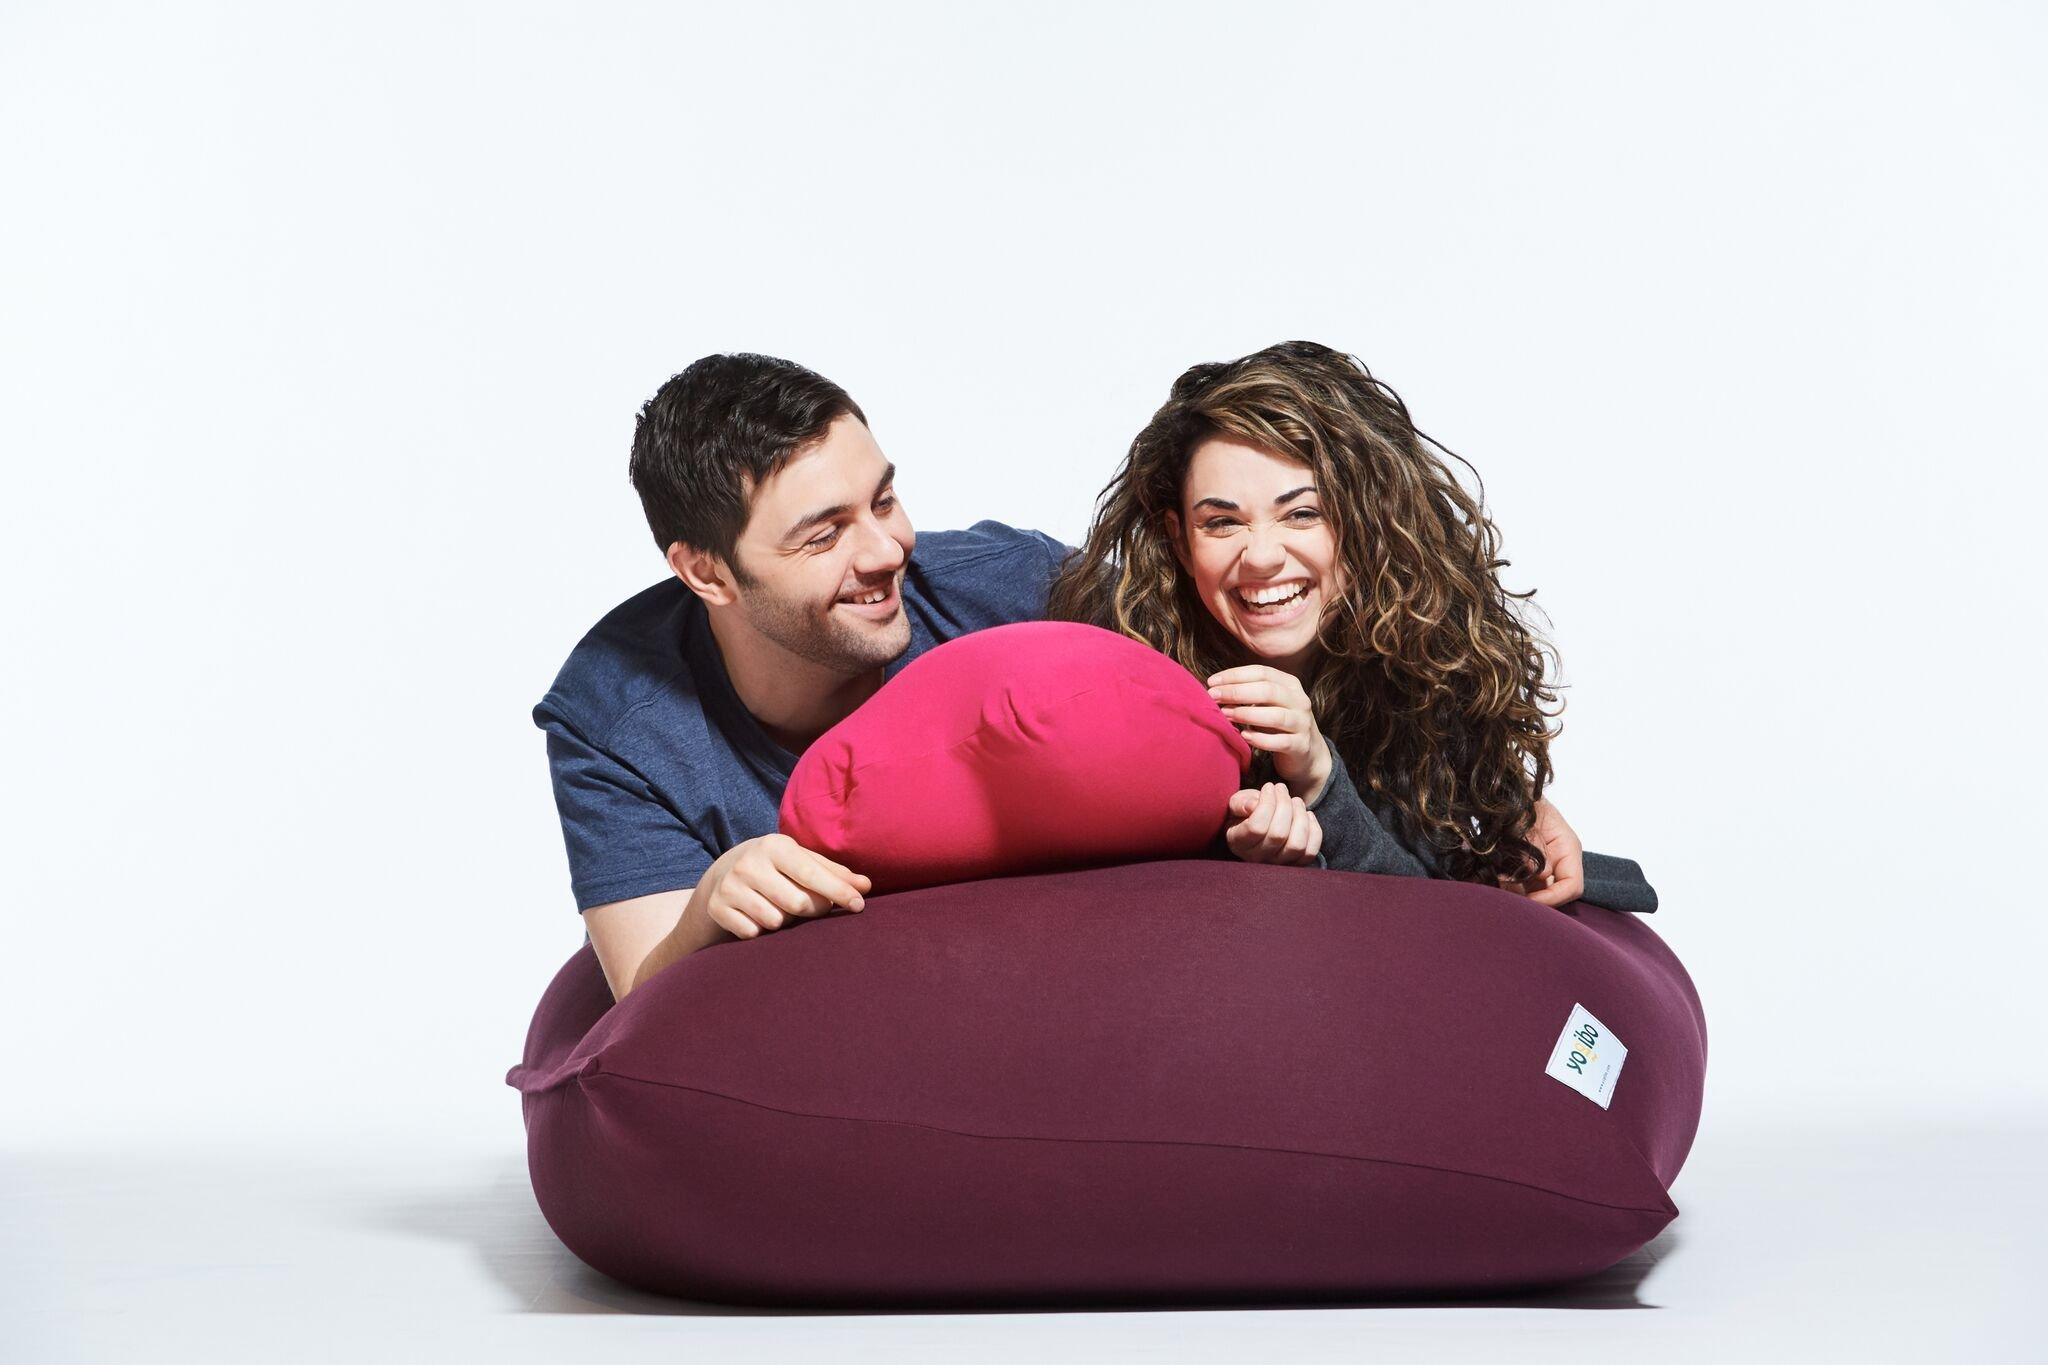 Yogibo - Family Fun Furniture